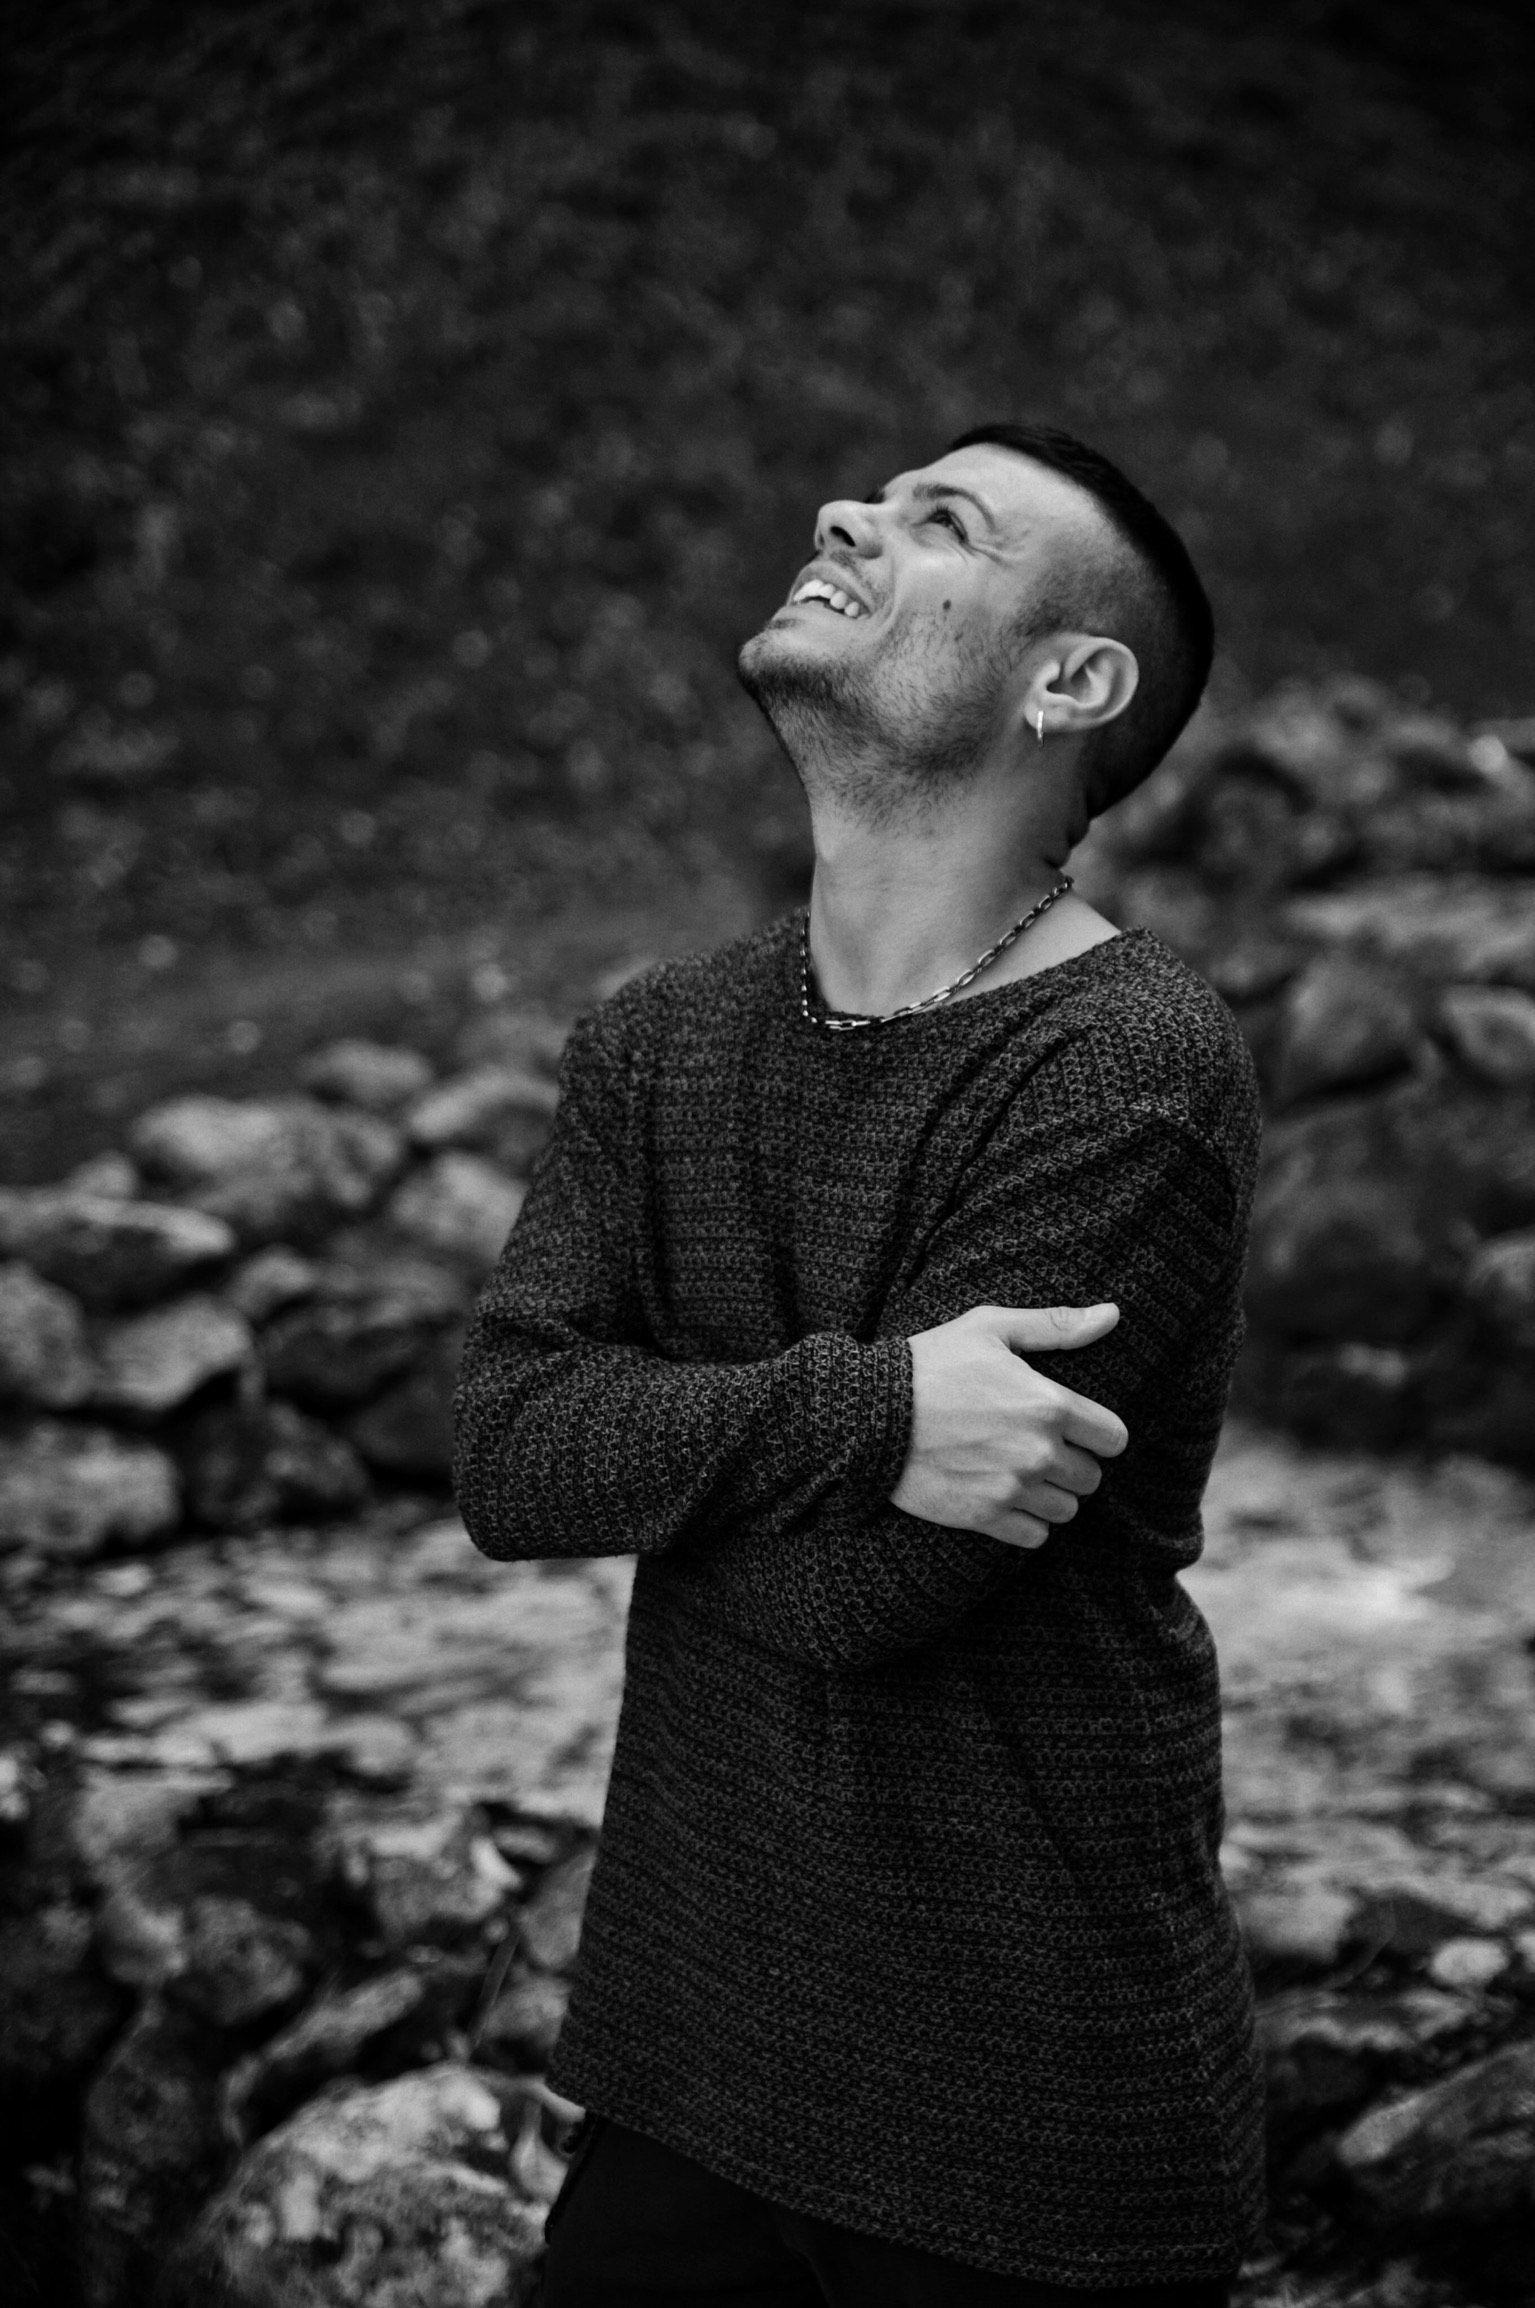 Bisogna fare gavetta, capire la giusta strada provando e sperimentando - Intervista al cantautore Aldo Mazzei